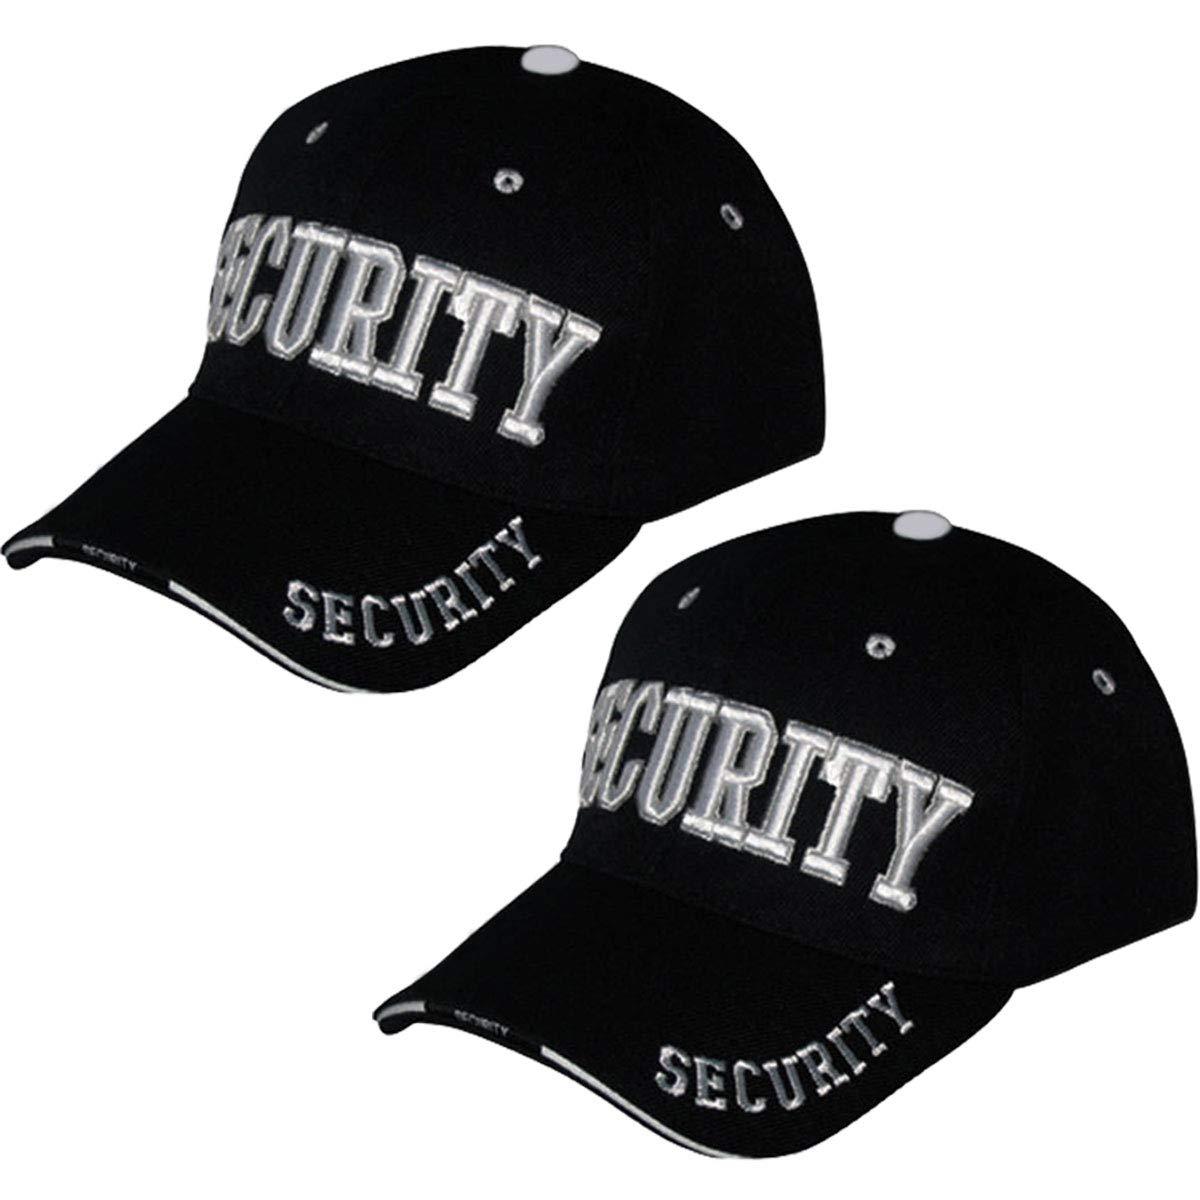 Amazon.com  Online Best Service 2 Pack Security Hat Cap Uniform Hats ... a3a5bb9d63c